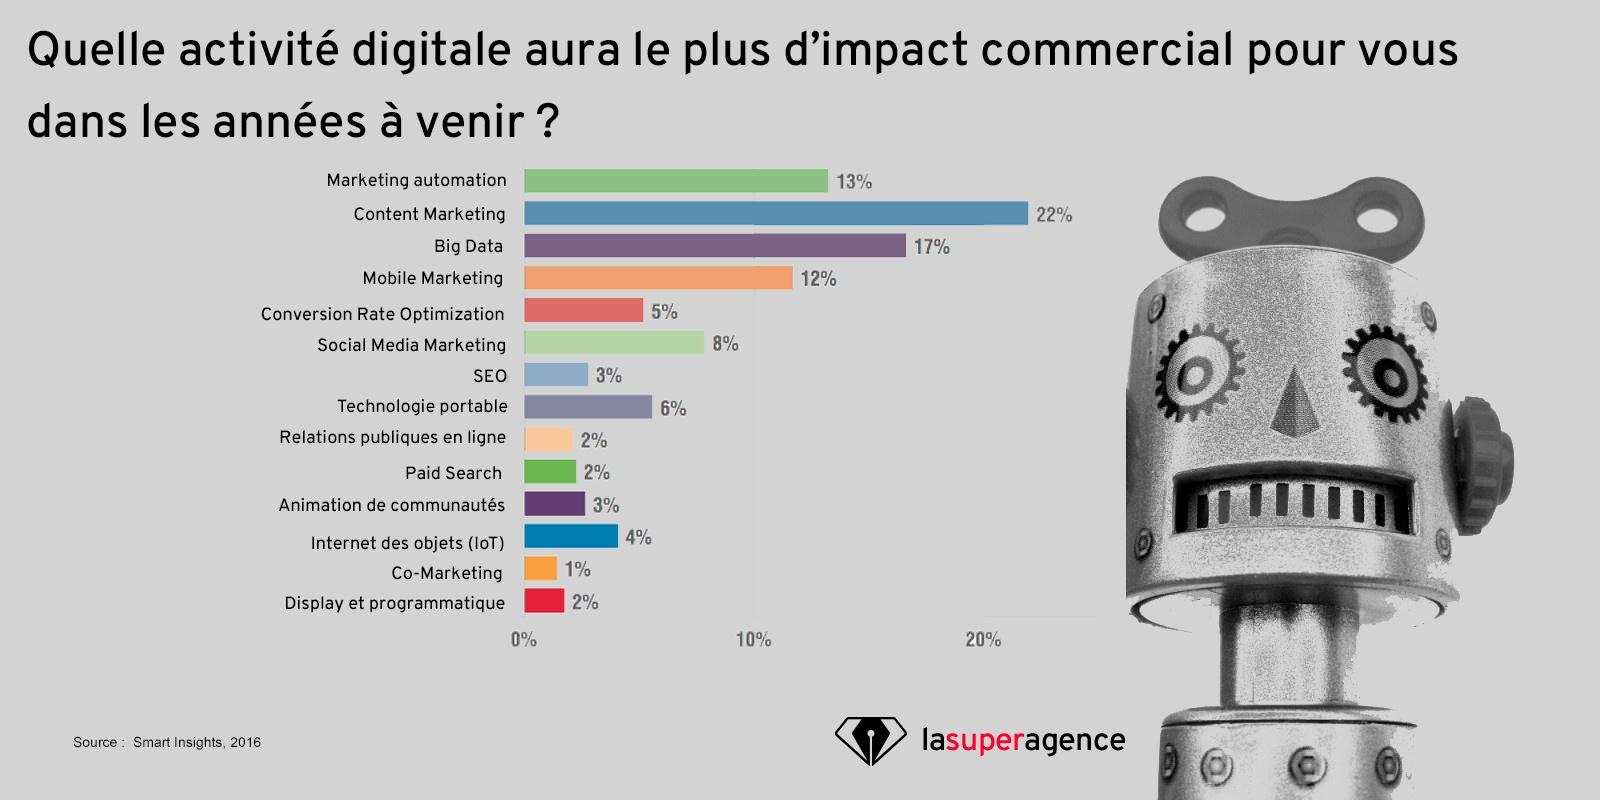 Le Marketing Automation a un gros impact commercial